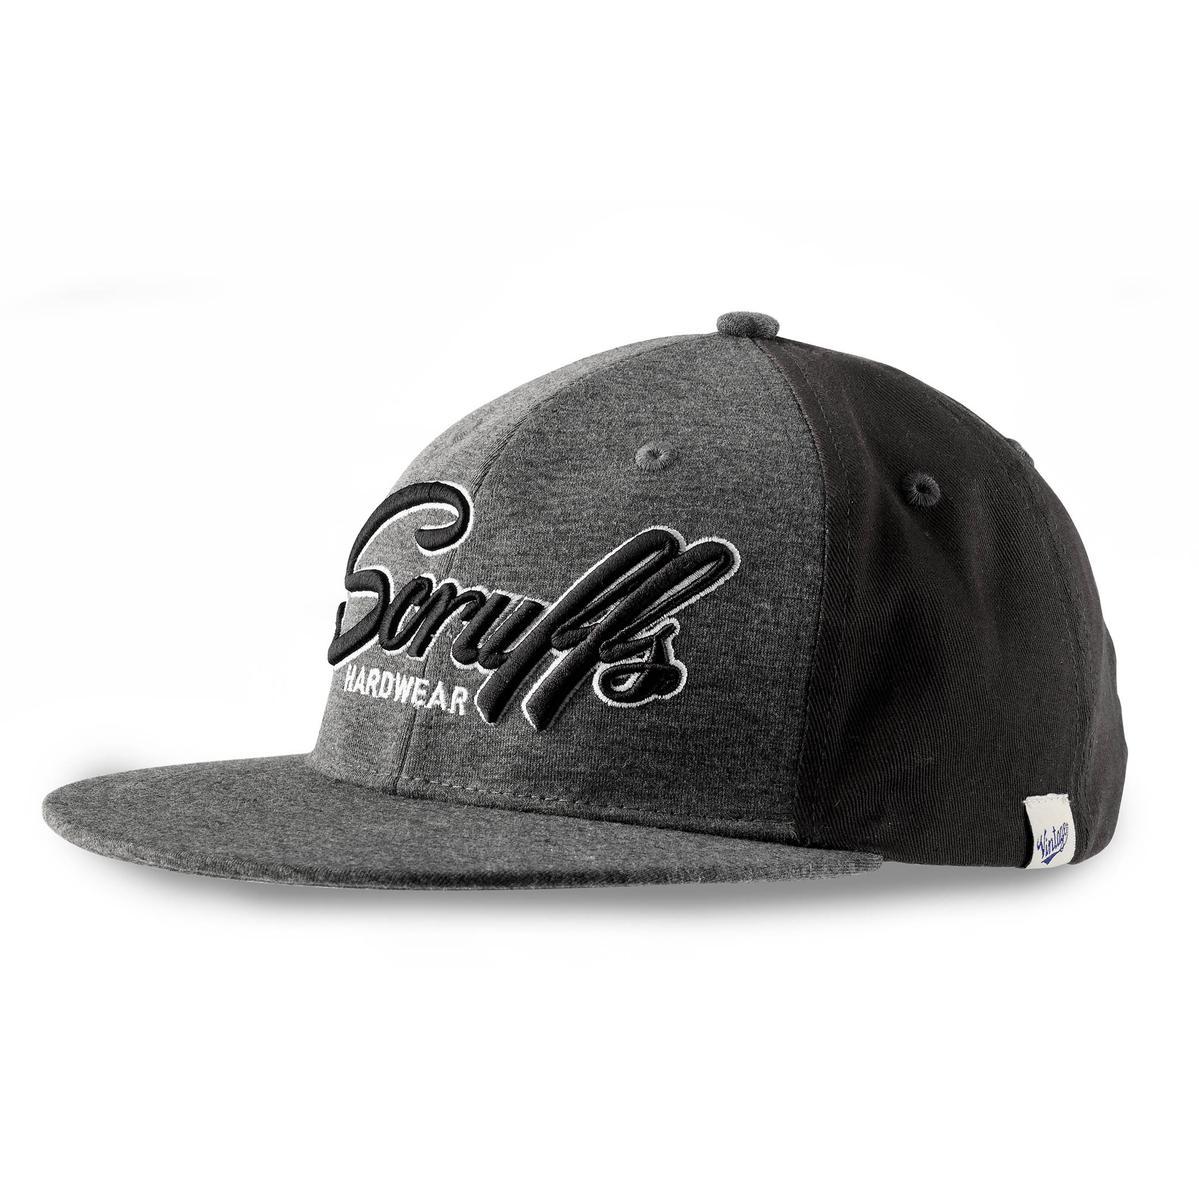 Image for Baseball Cap